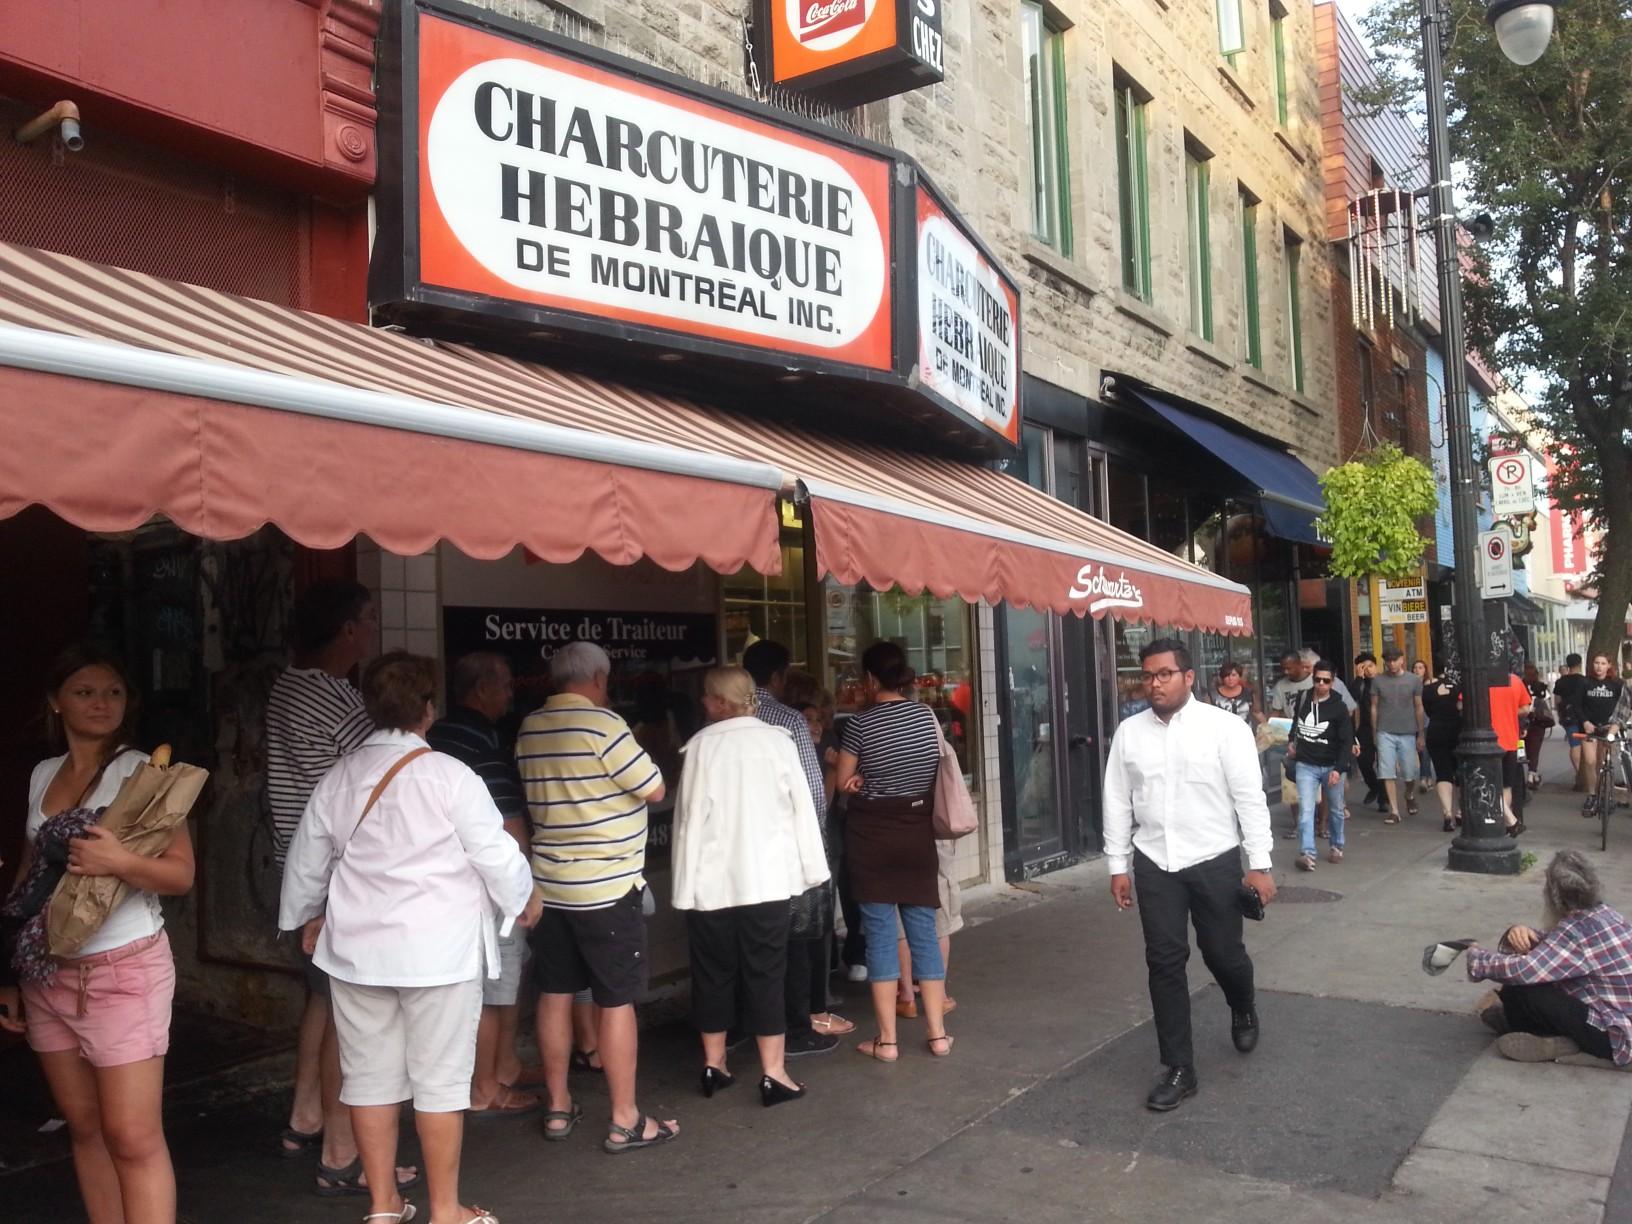 Örök sor áll a St. Laurent híres delicatessenje előtt...itt található a világ legfinomabb smoked meat szendvicse.